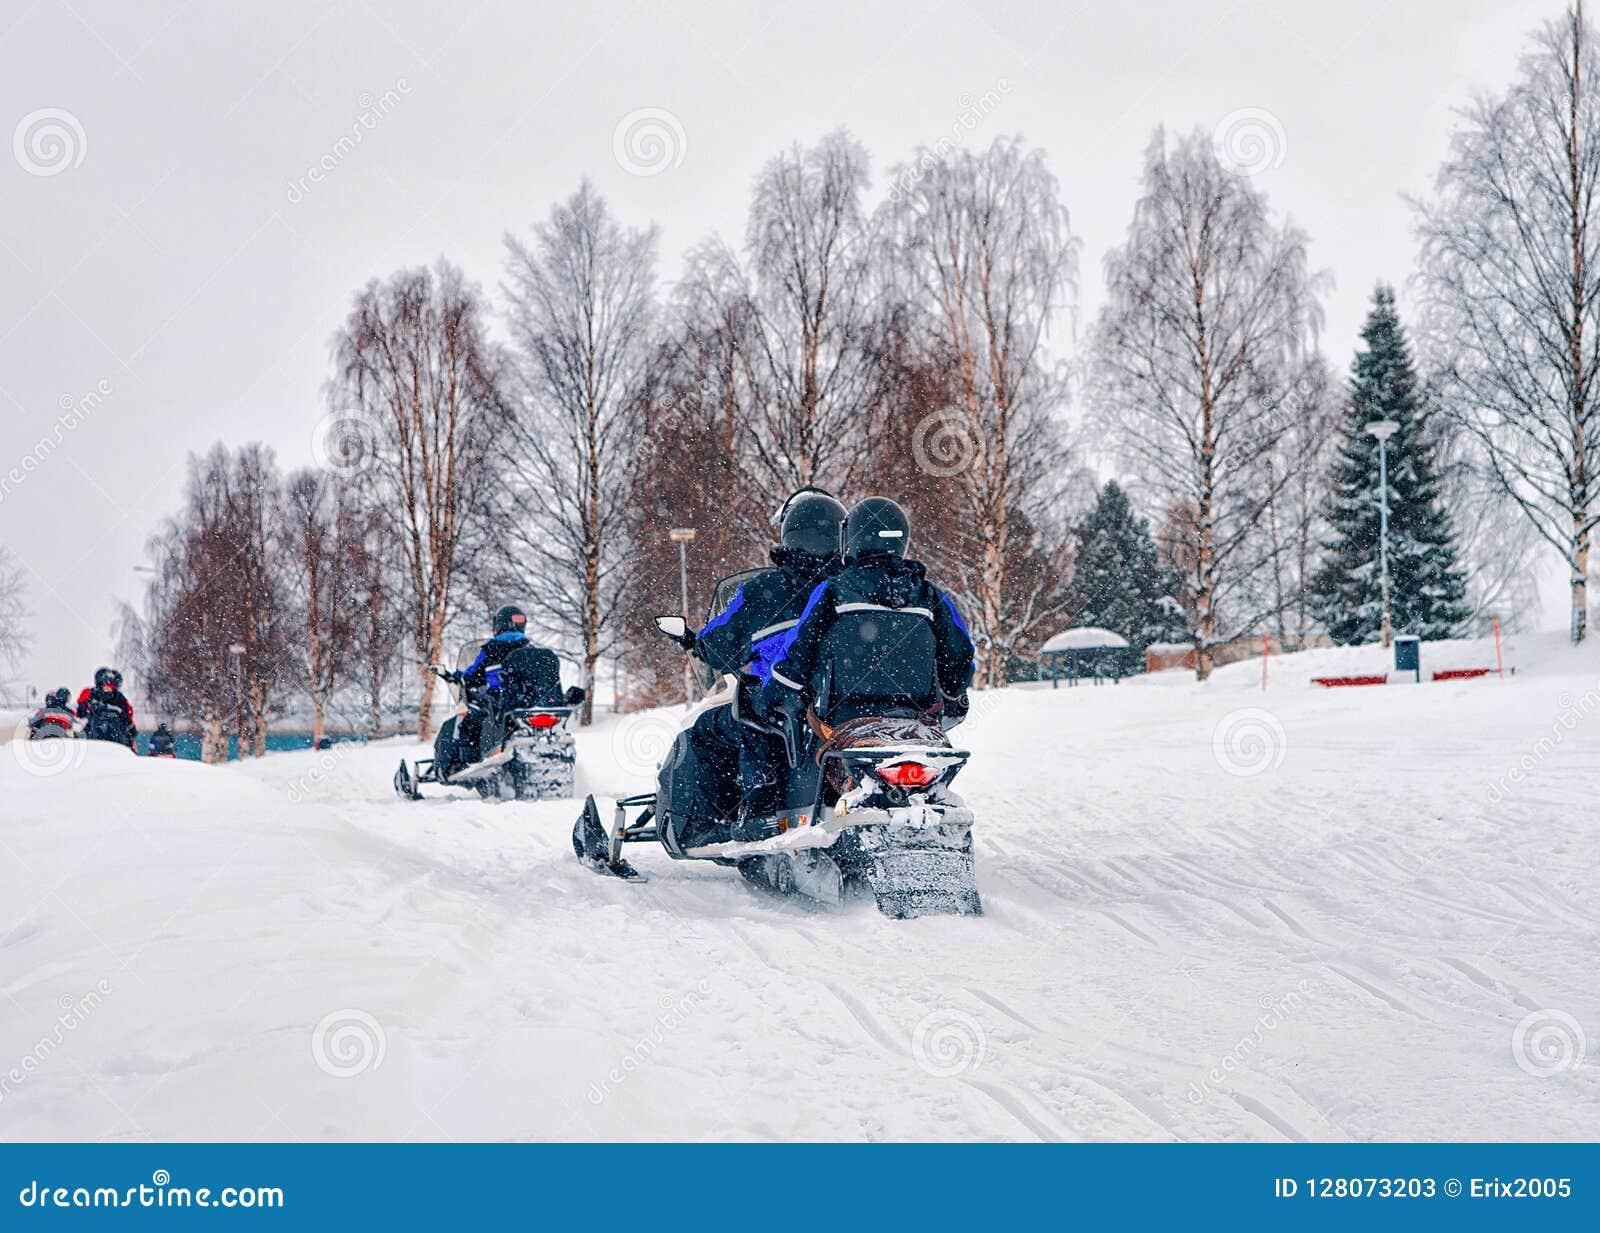 人们在雪机动性冬天在圣诞节期间的芬兰拉普兰